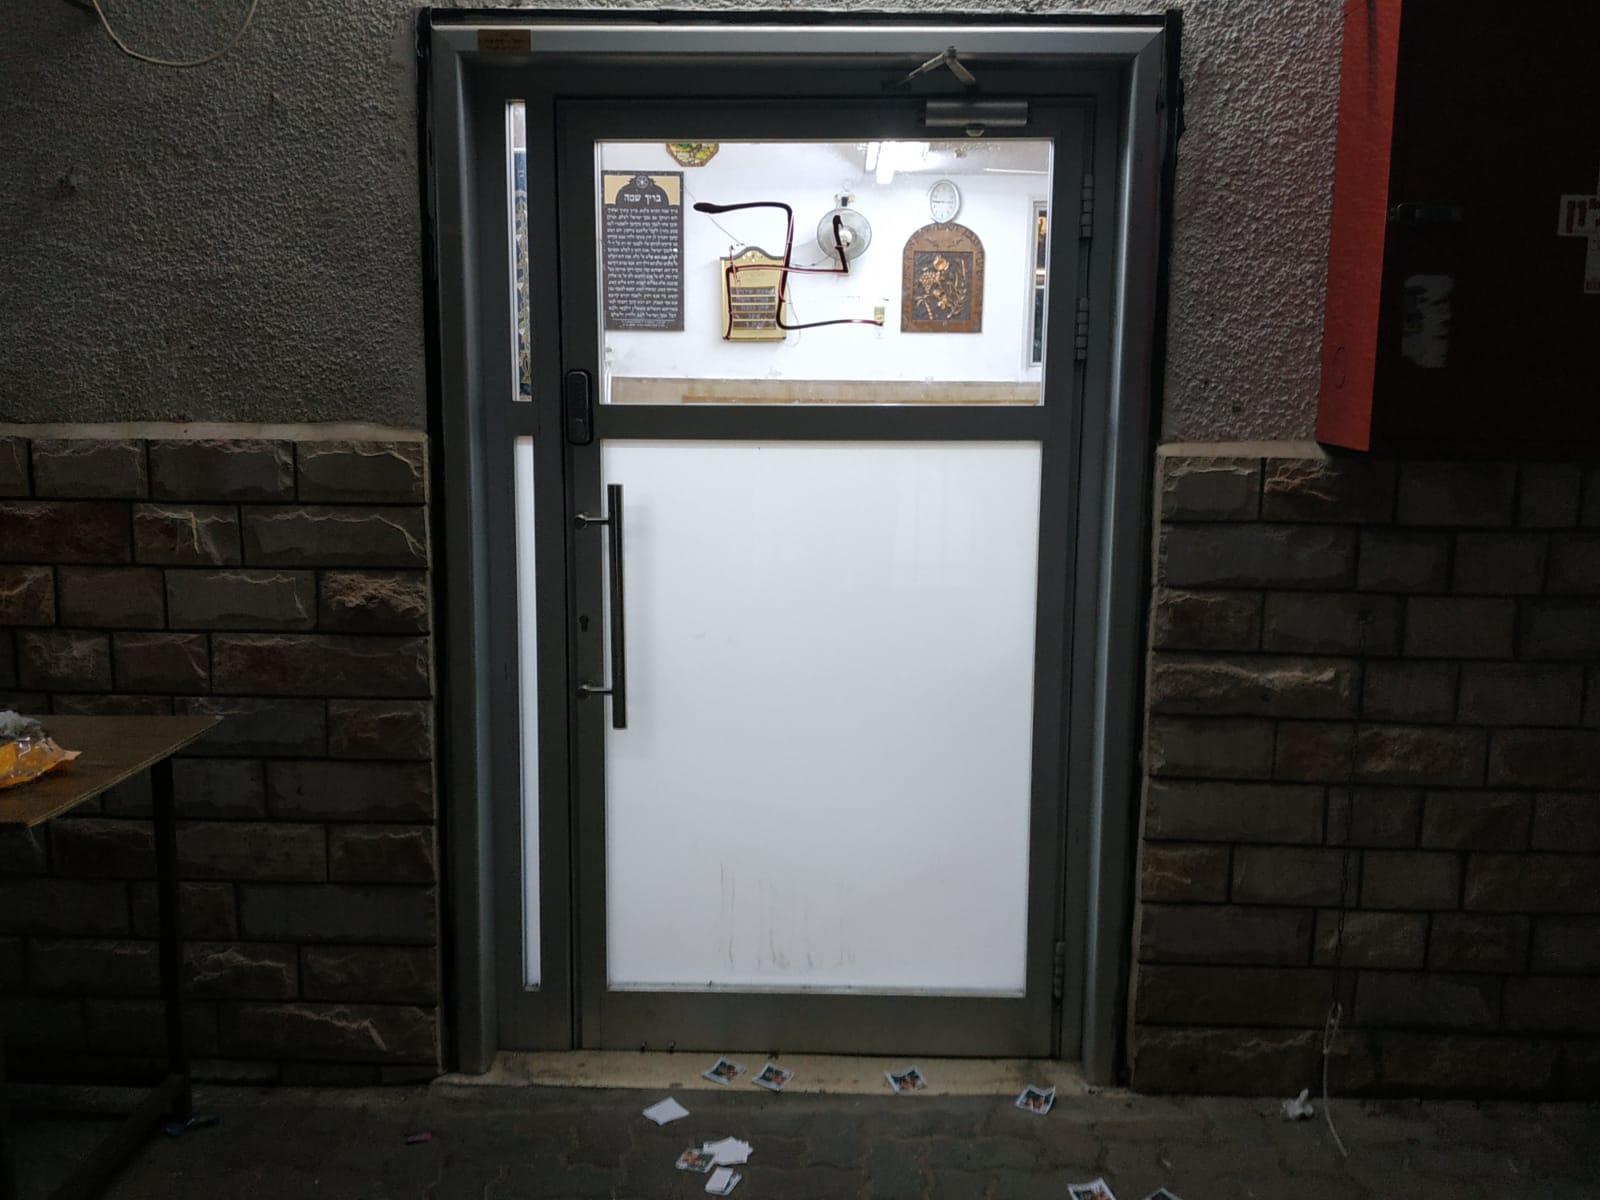 בני ברק: צלבי קרס רוססו בליל שבת על מבנה בית כנסת